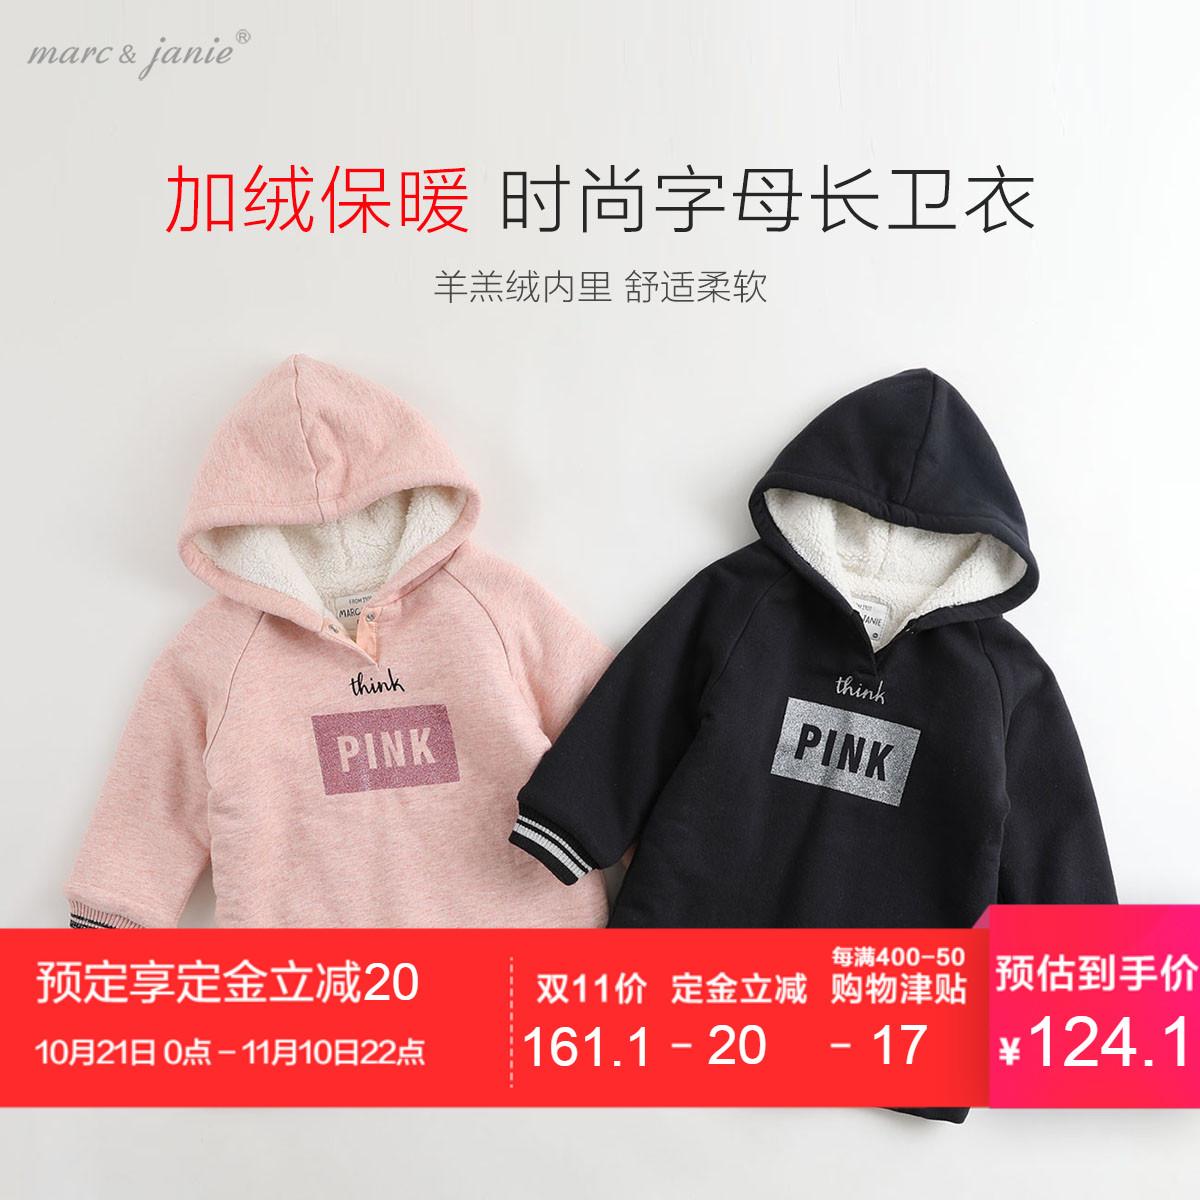 【加绒】 马克珍妮秋冬装 女童时尚字母长卫衣外套 thumbnail